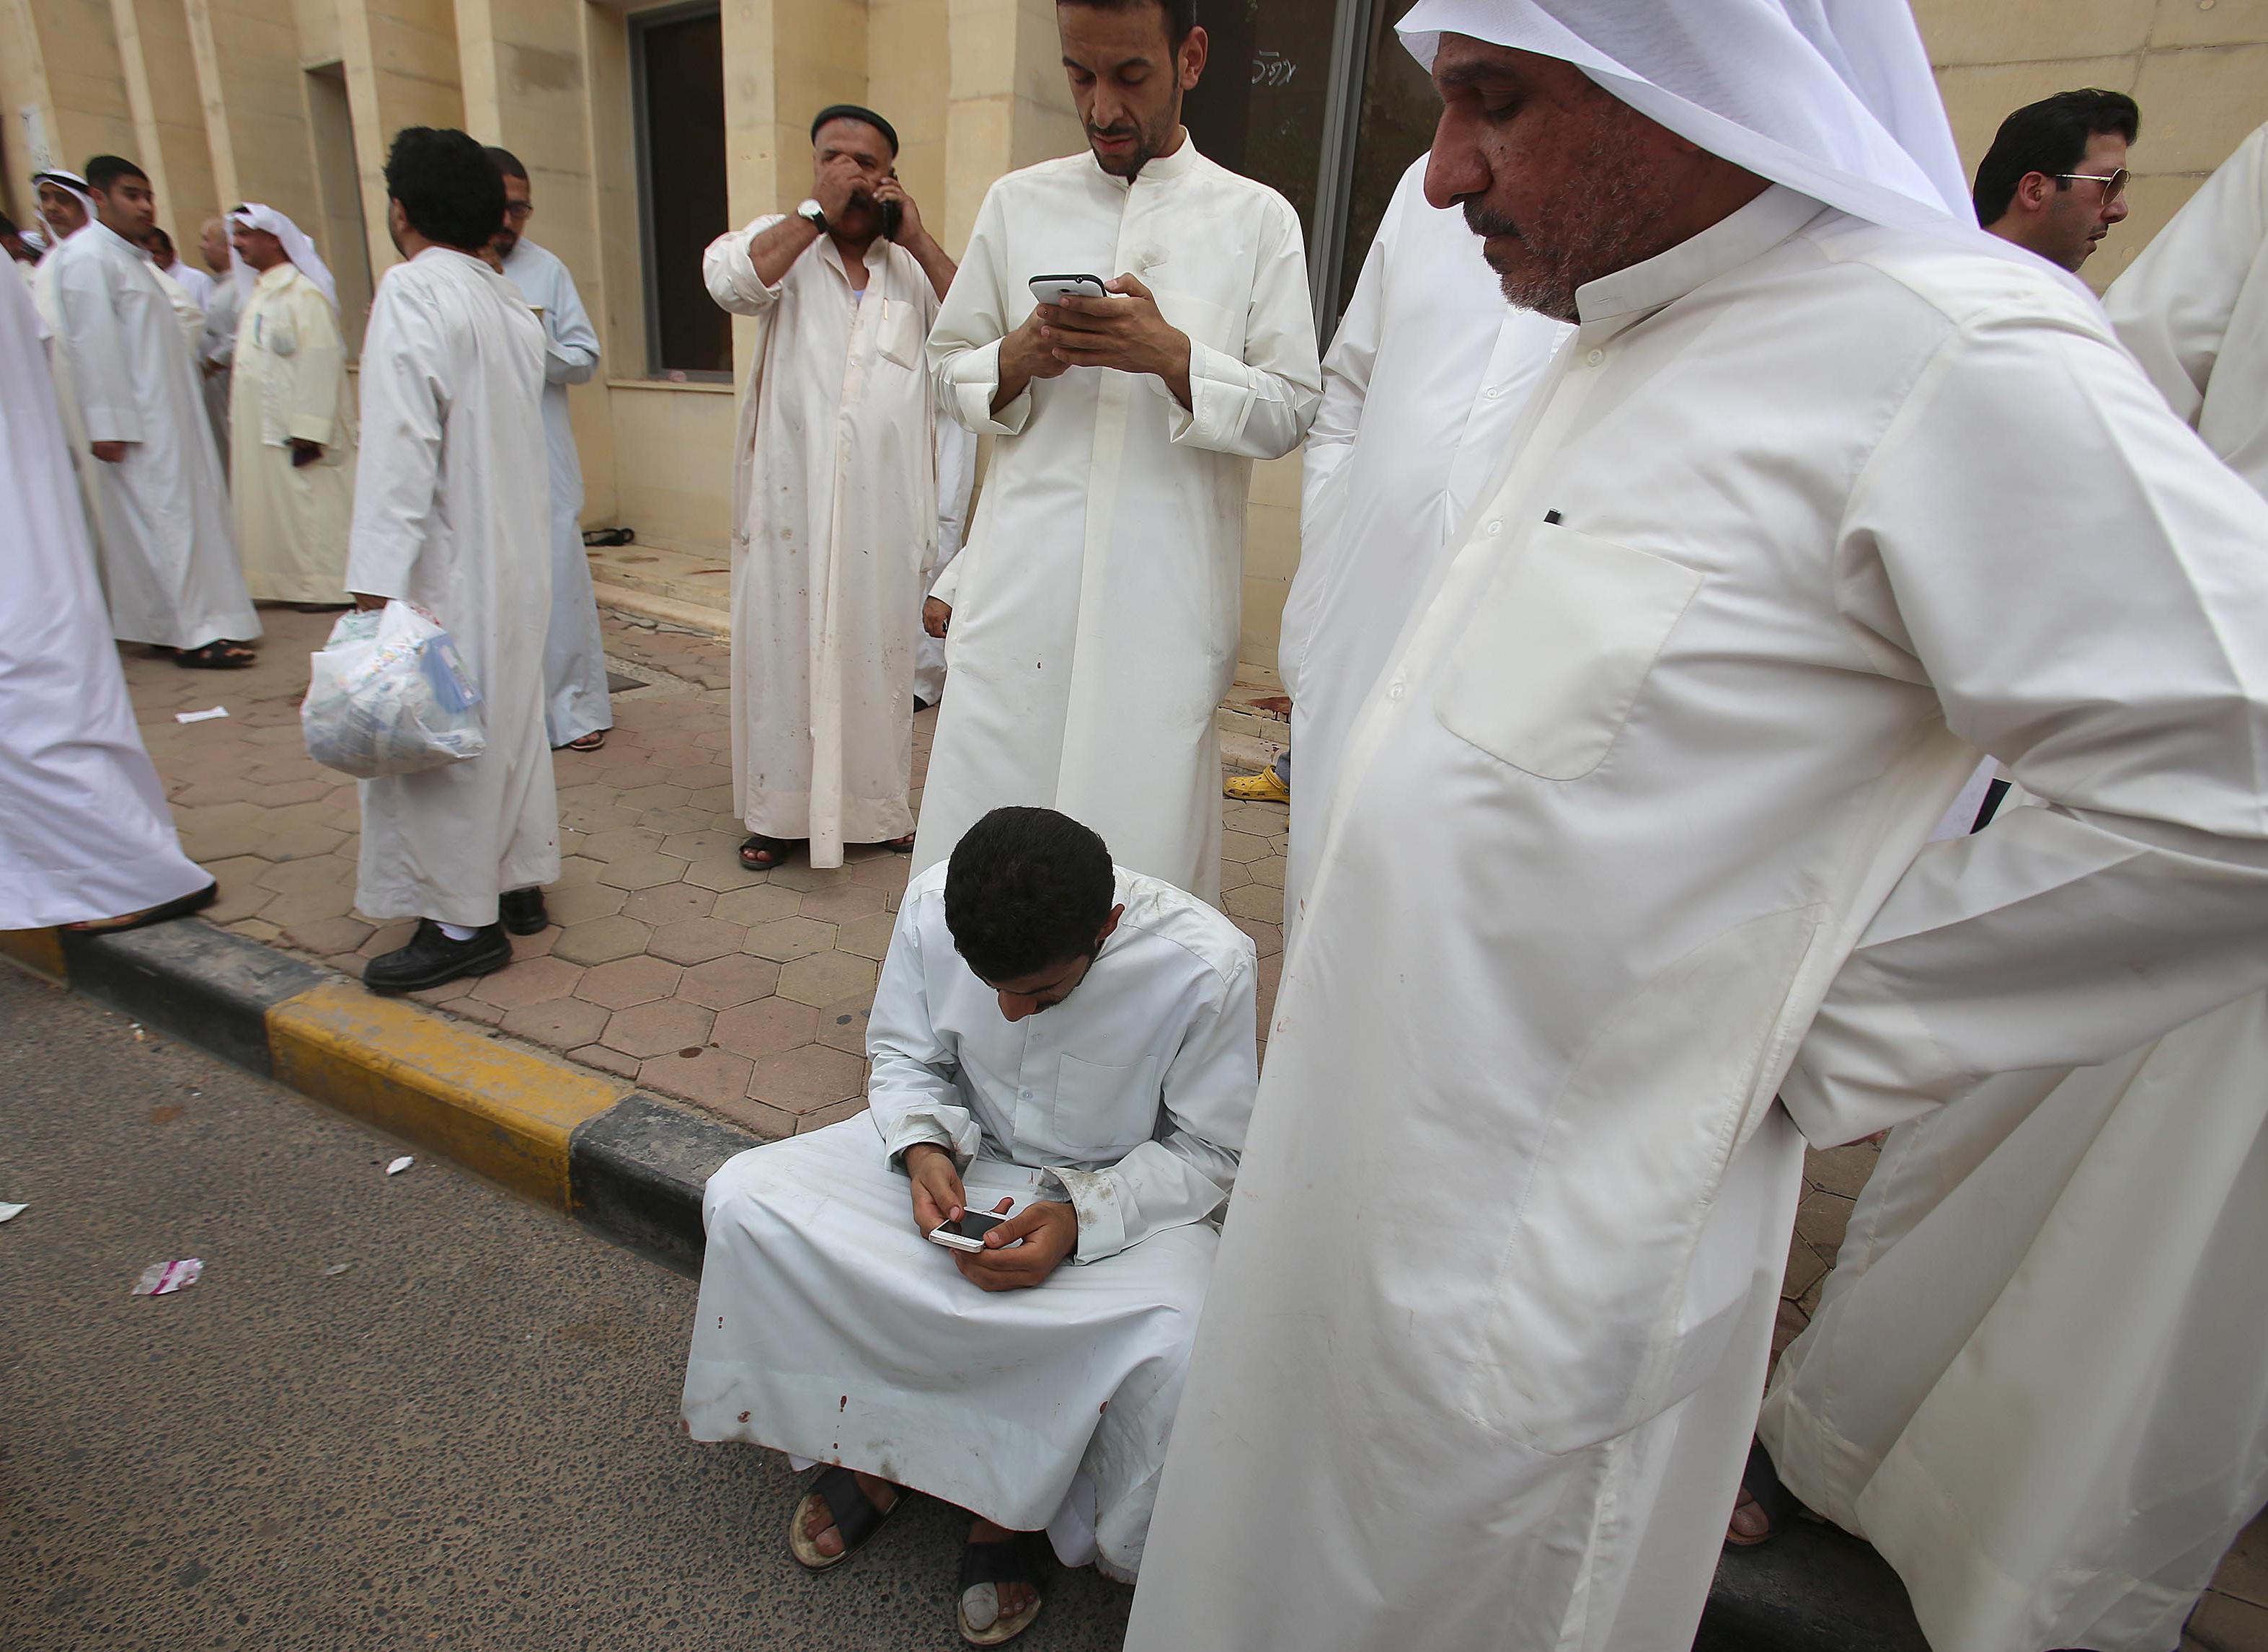 مواطنون كويتيون يجرون إتصالات للإطمئنان على بعضهم بعد حادث تفجير مسجد الصادق بالكويت